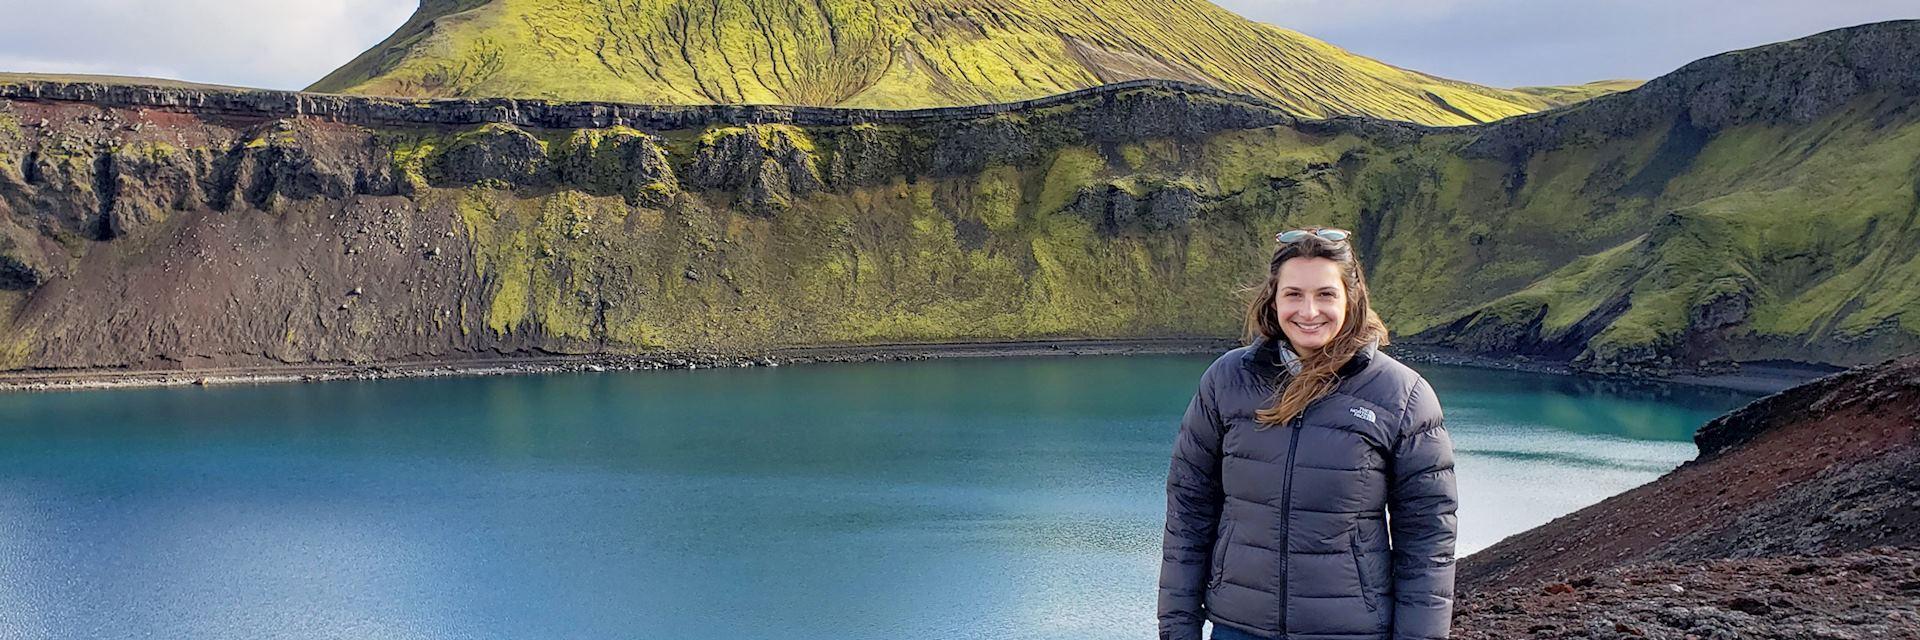 Katy at a crater lake in Landmannalaugar